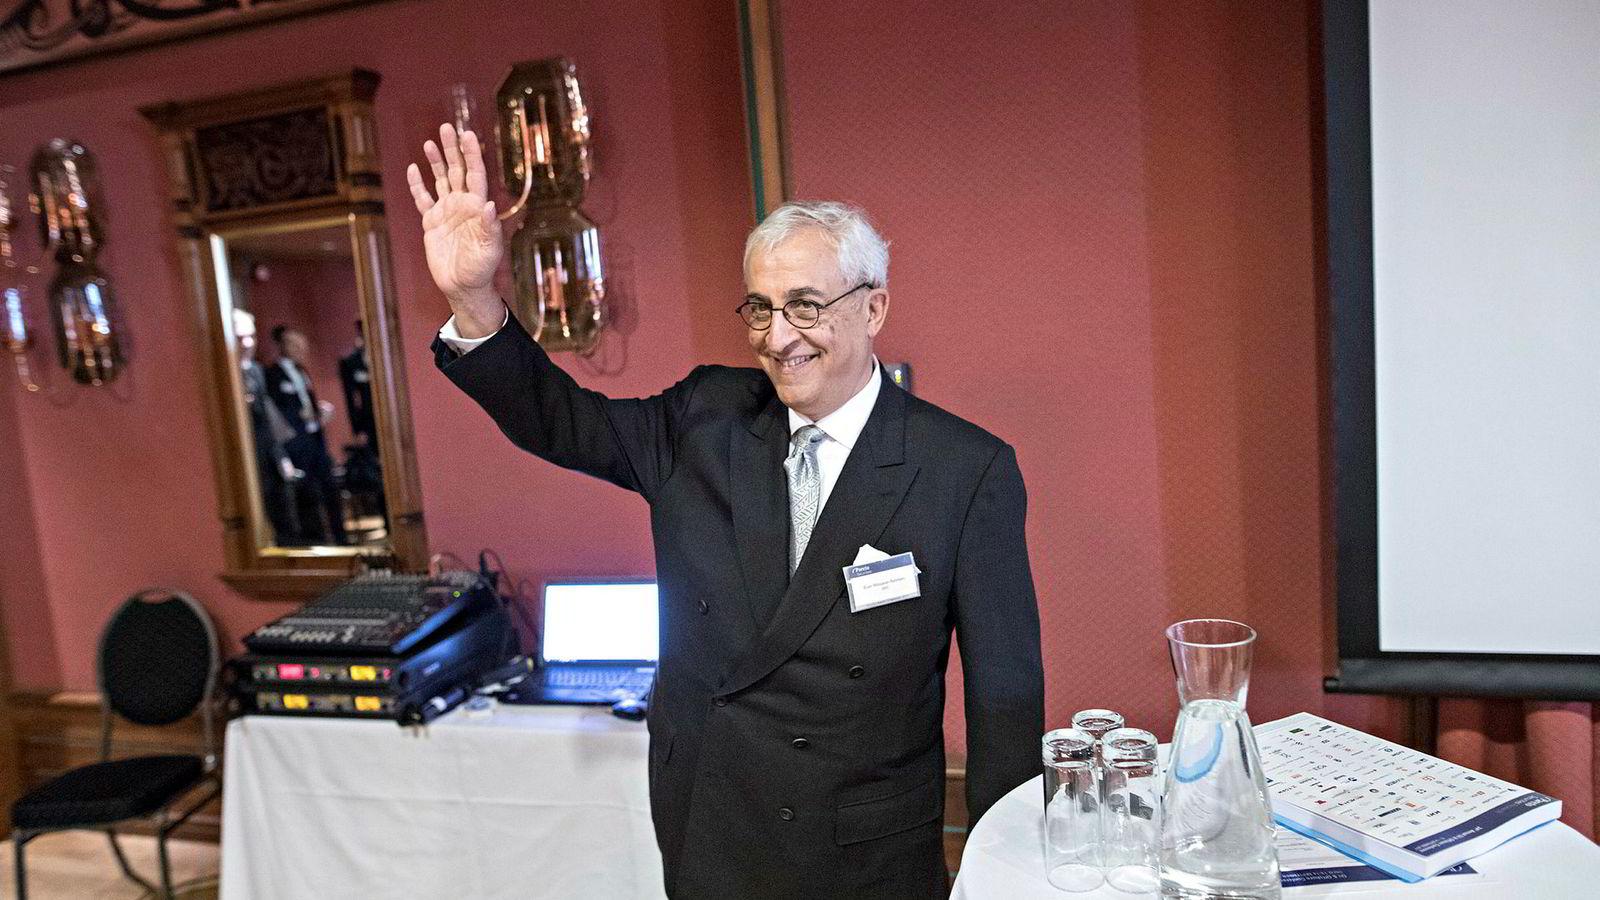 DNO-sjef Bijan Mossavar-Rahmani kunne torsdag glede aksjonærene med å åpne utbyttekranen for første gang på 13 år. Den tidligere radiografen Ivar Arvid Molvær har det siste halvåret tjent rundt 50 millioner kroner på kurshoppet i DNO-aksjen.